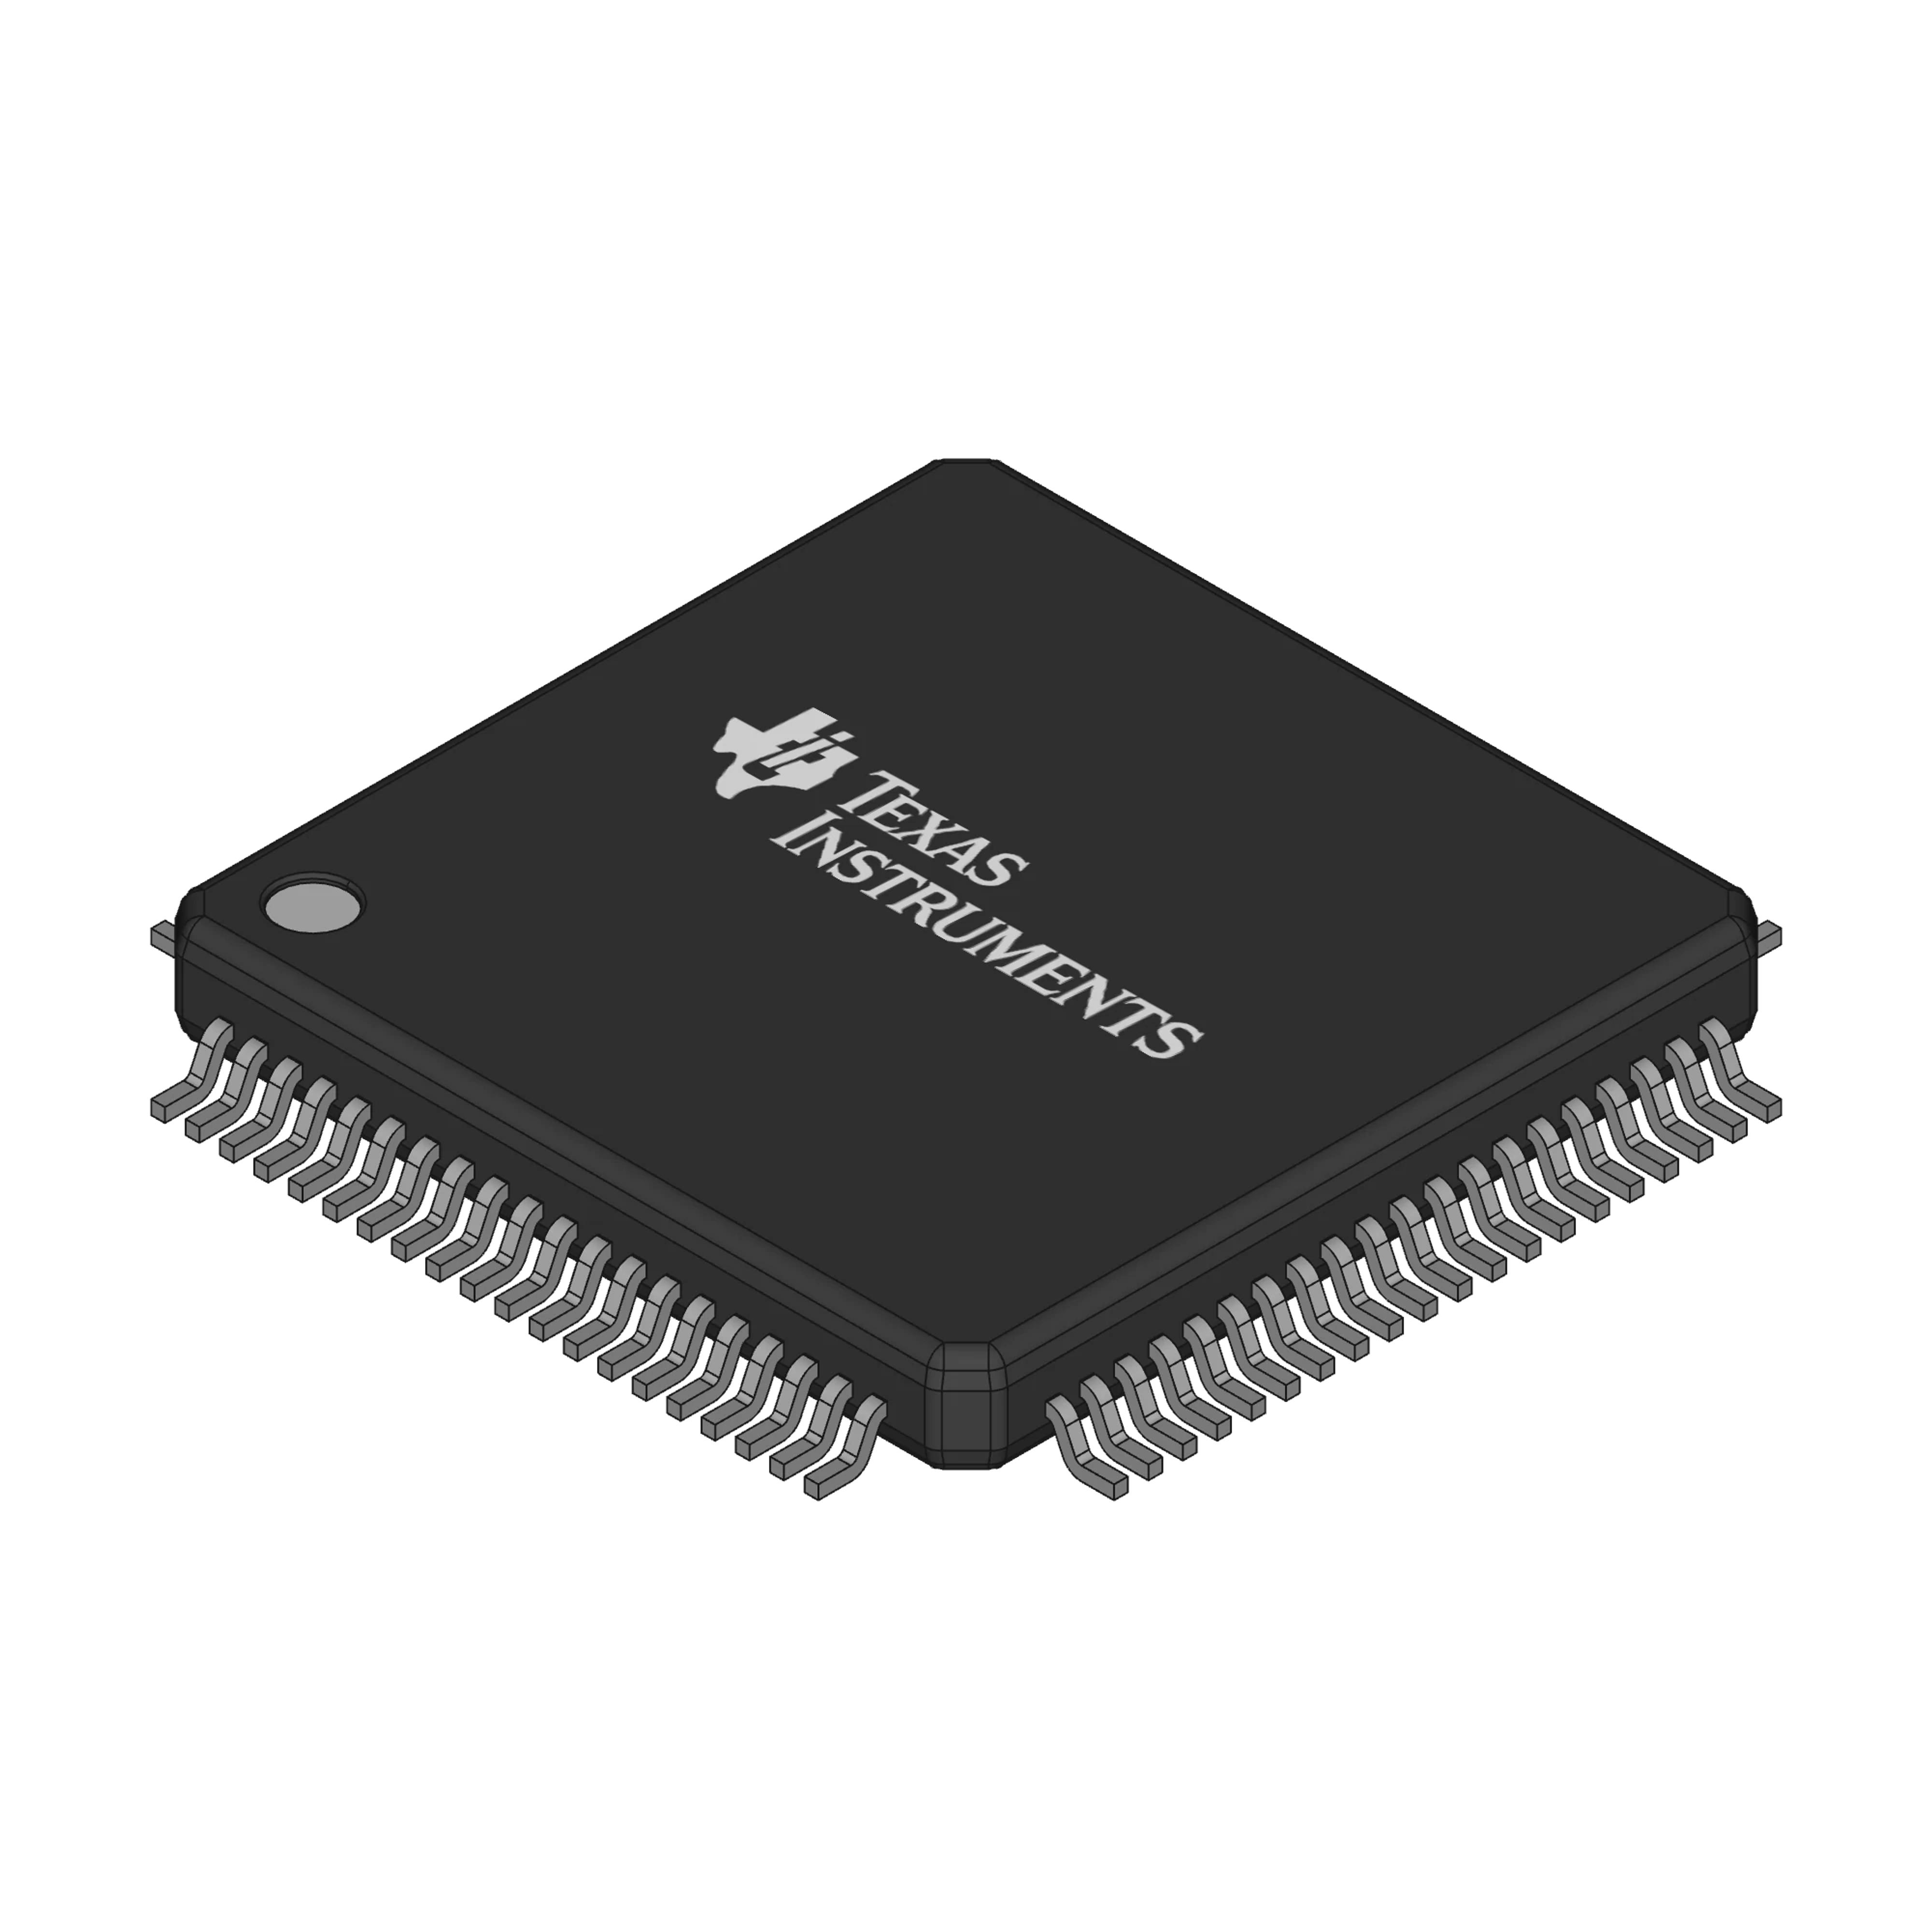 MSP430F5437_TI_logo%20added